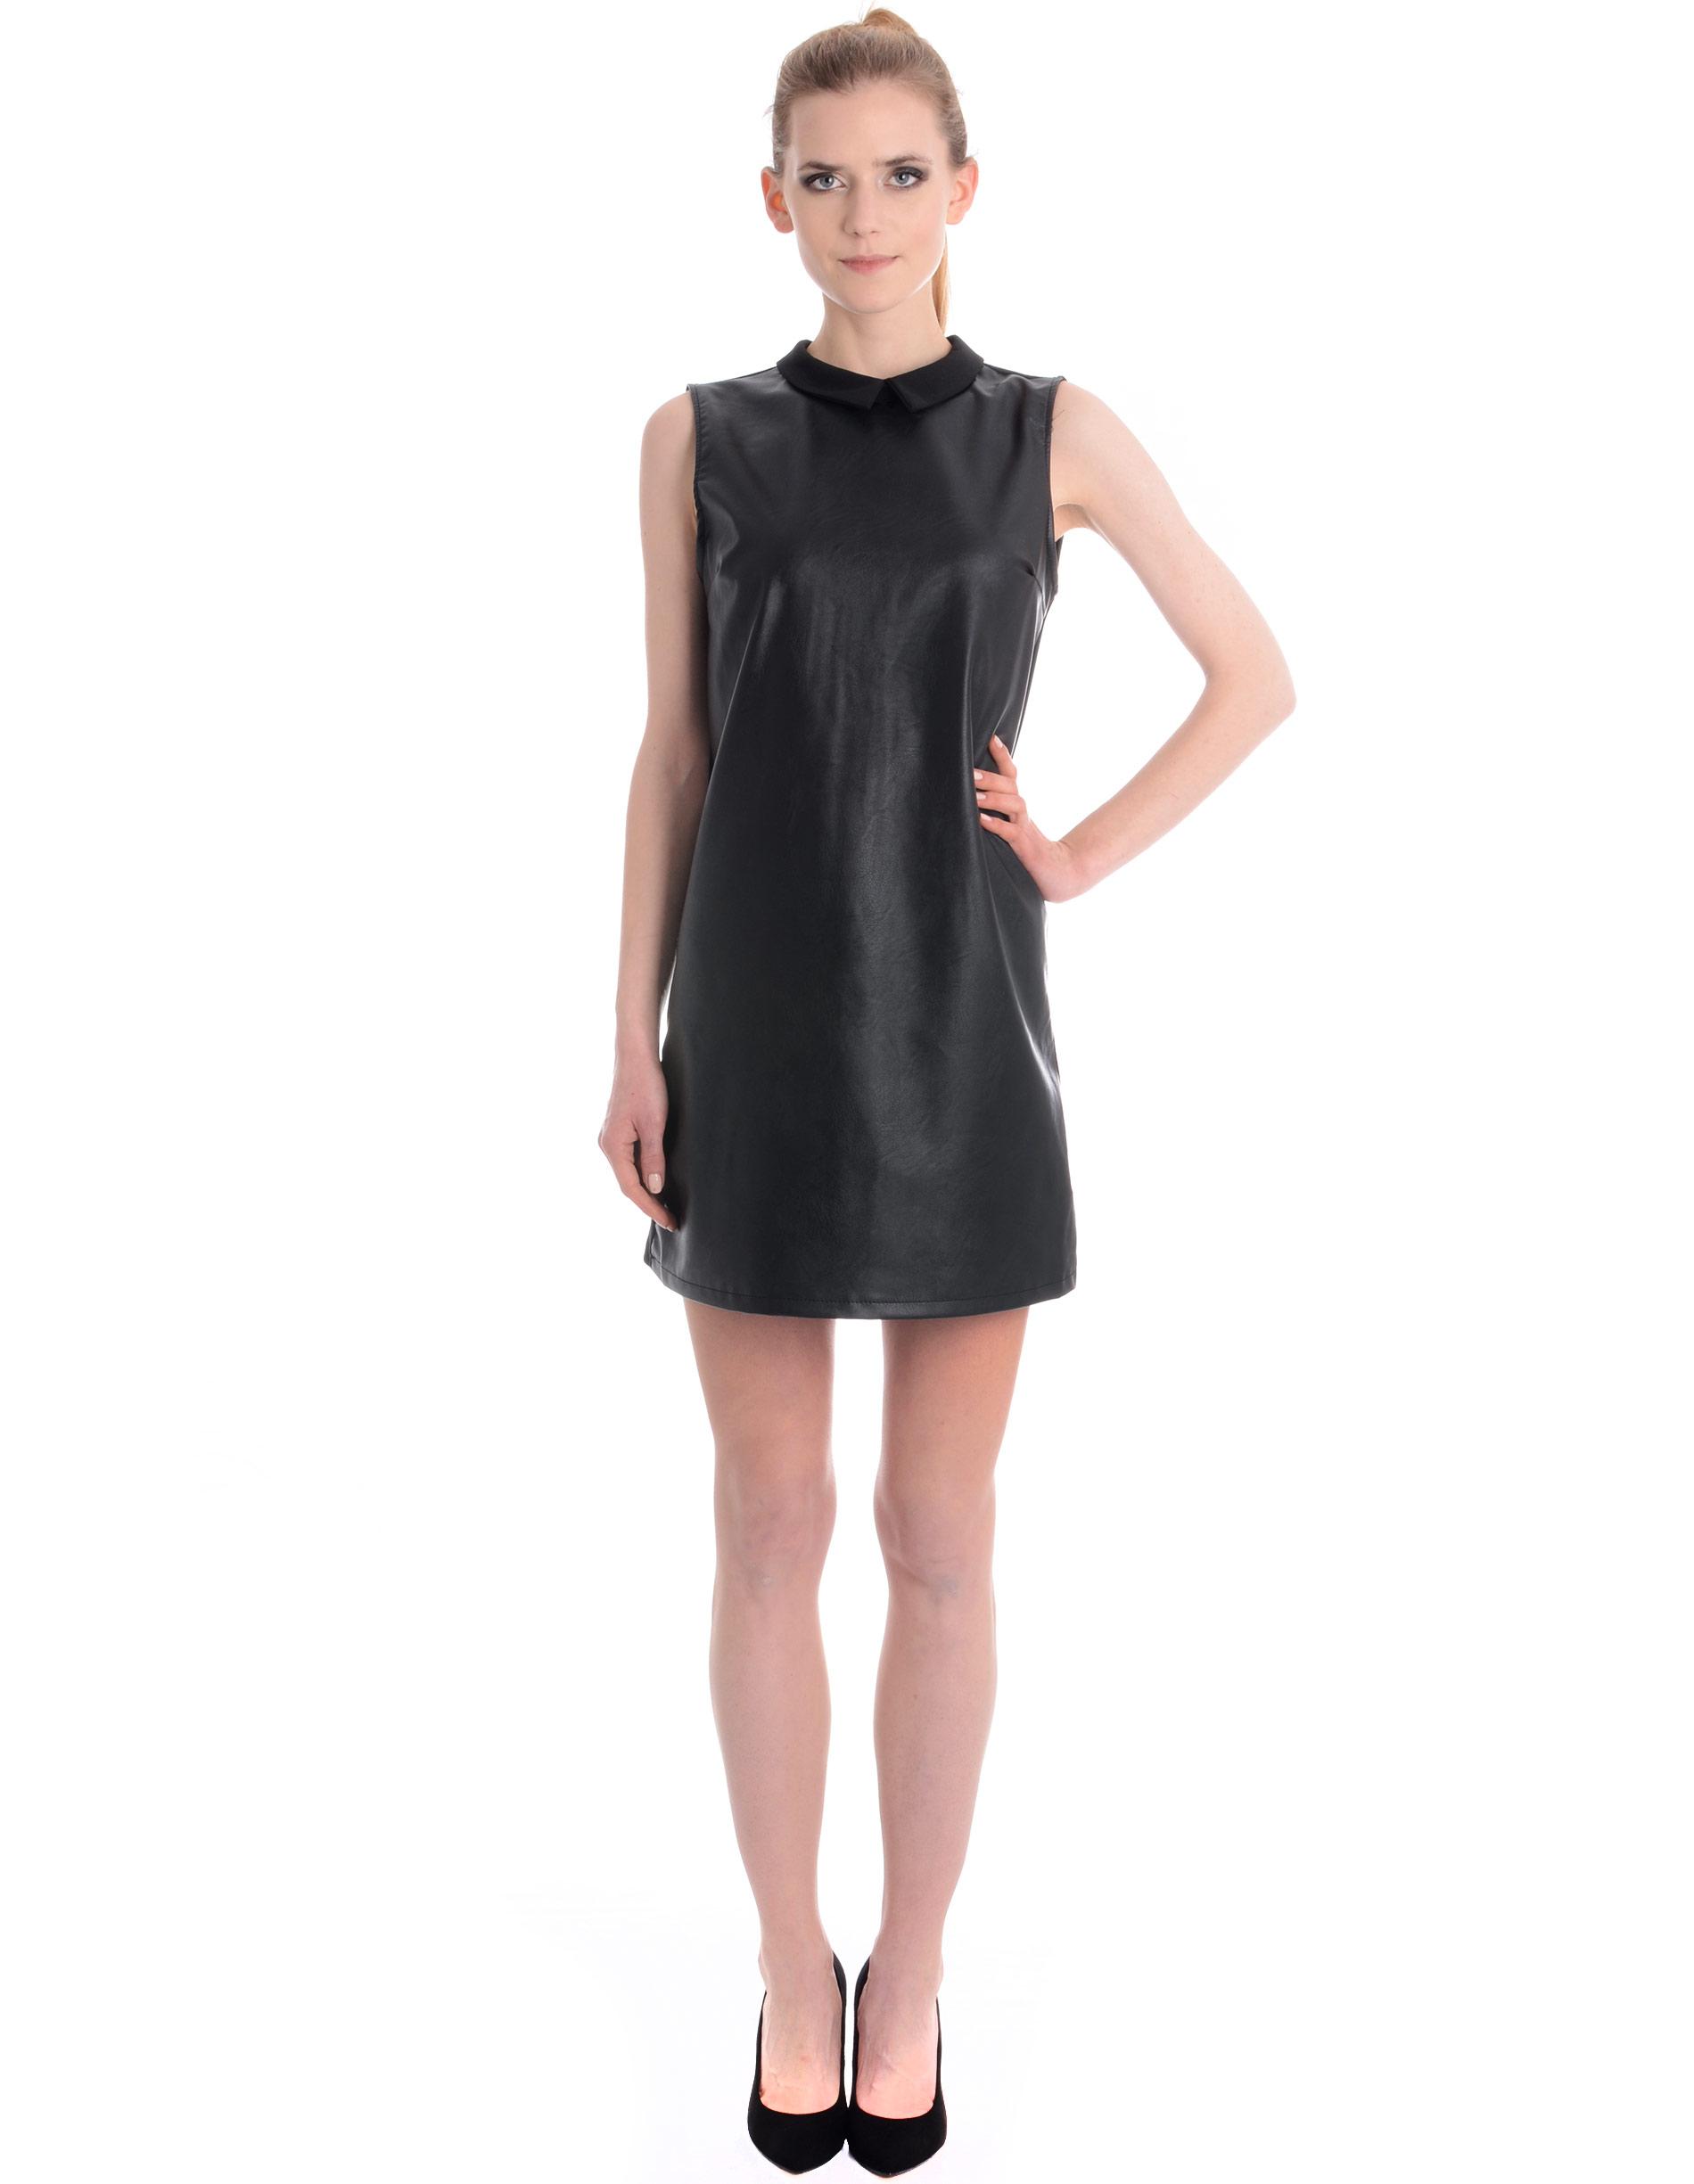 Sukienka - 5-3959 NERO - Unisono